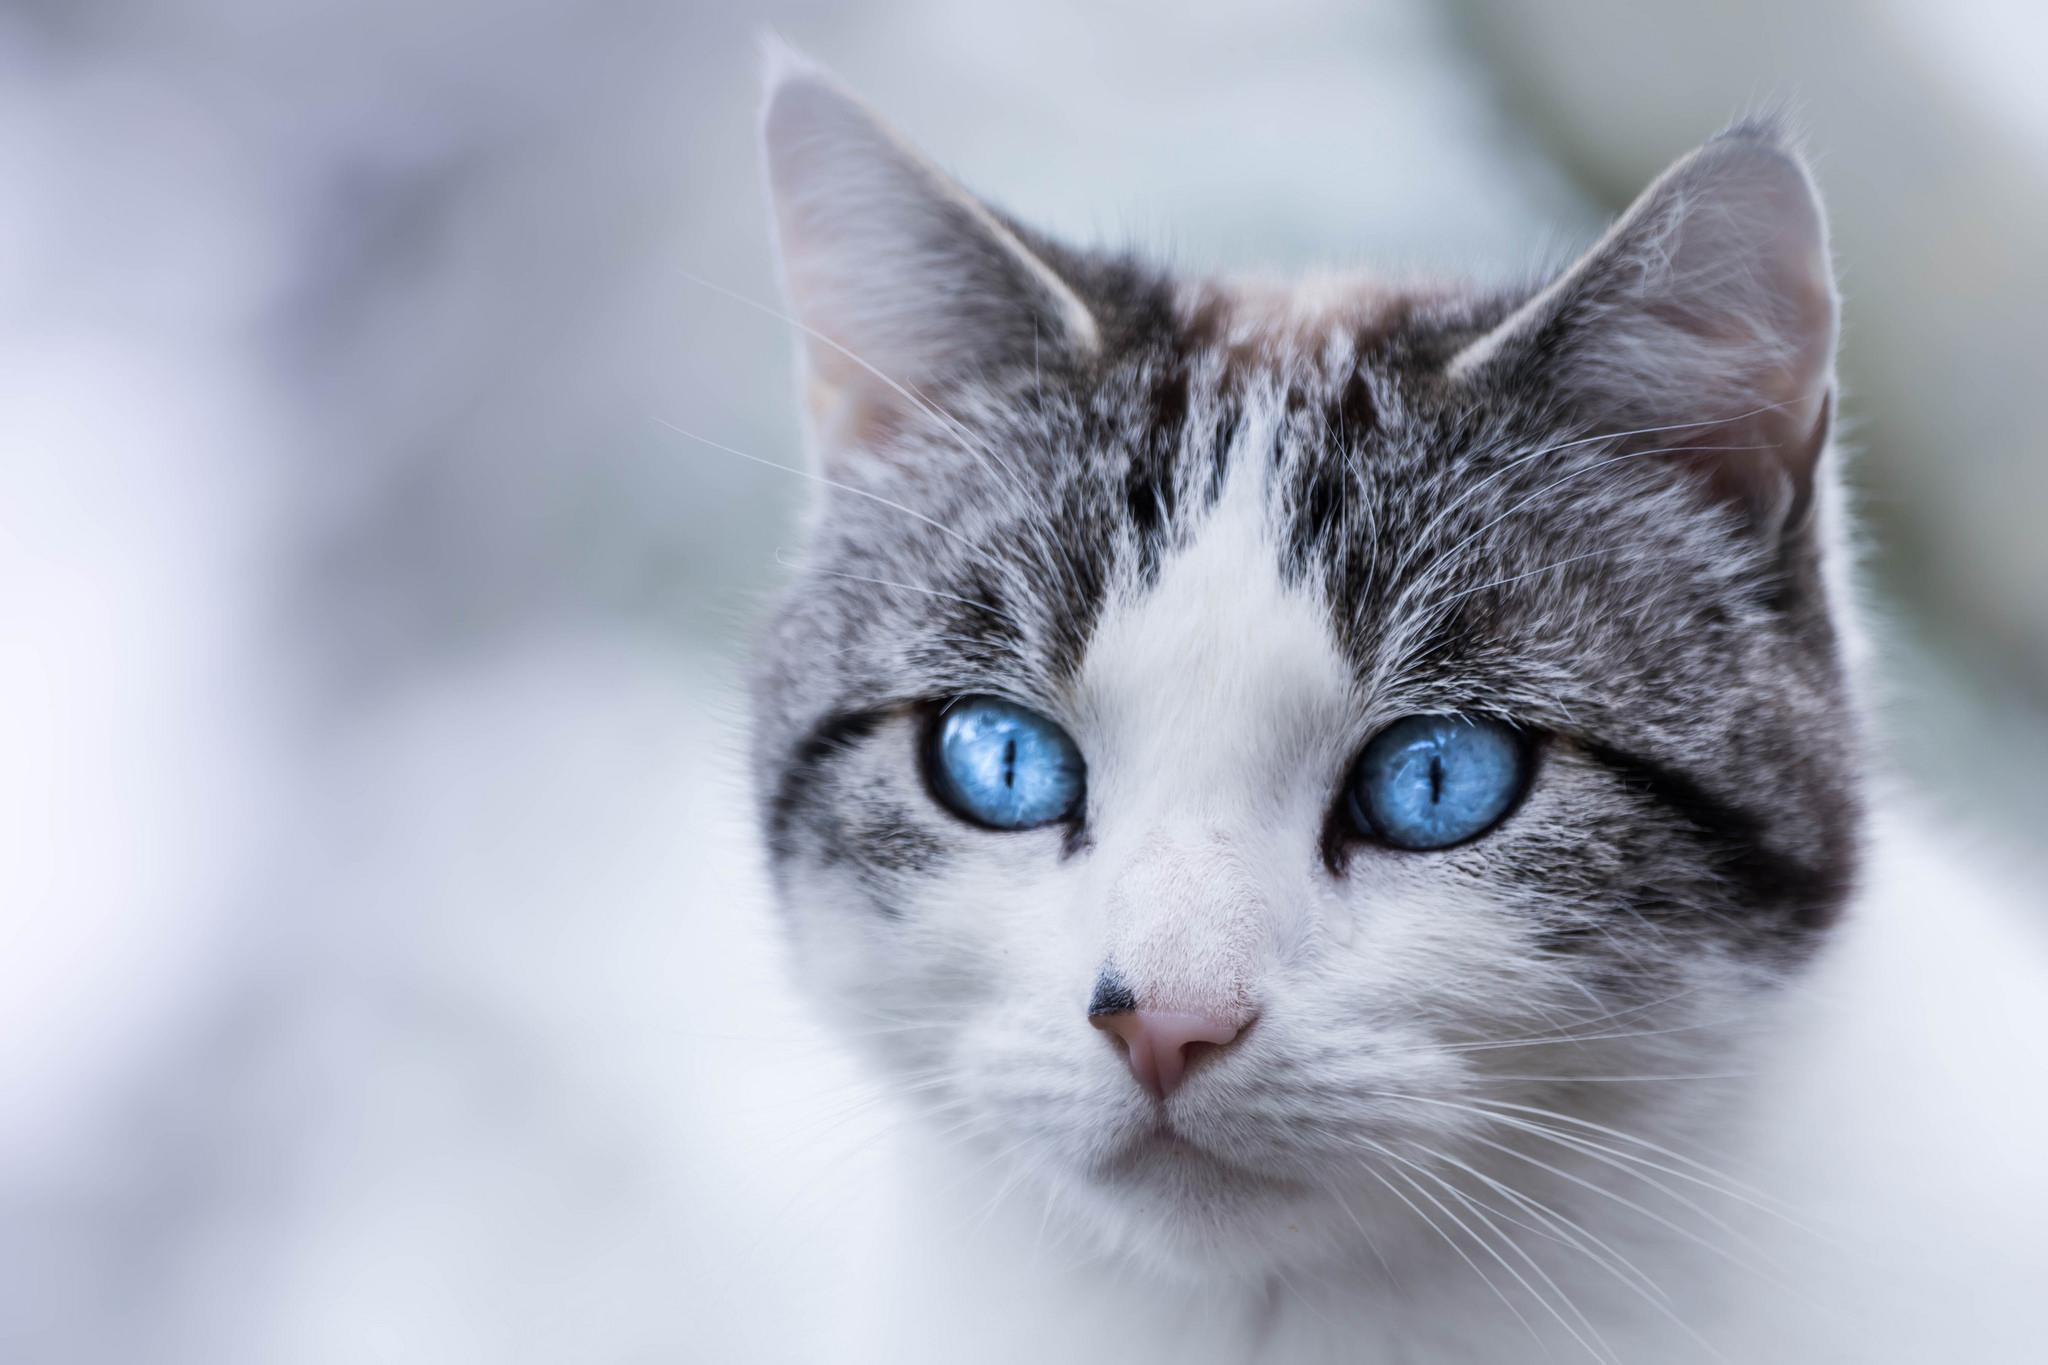 Голубоглазые кота  № 3010630 бесплатно